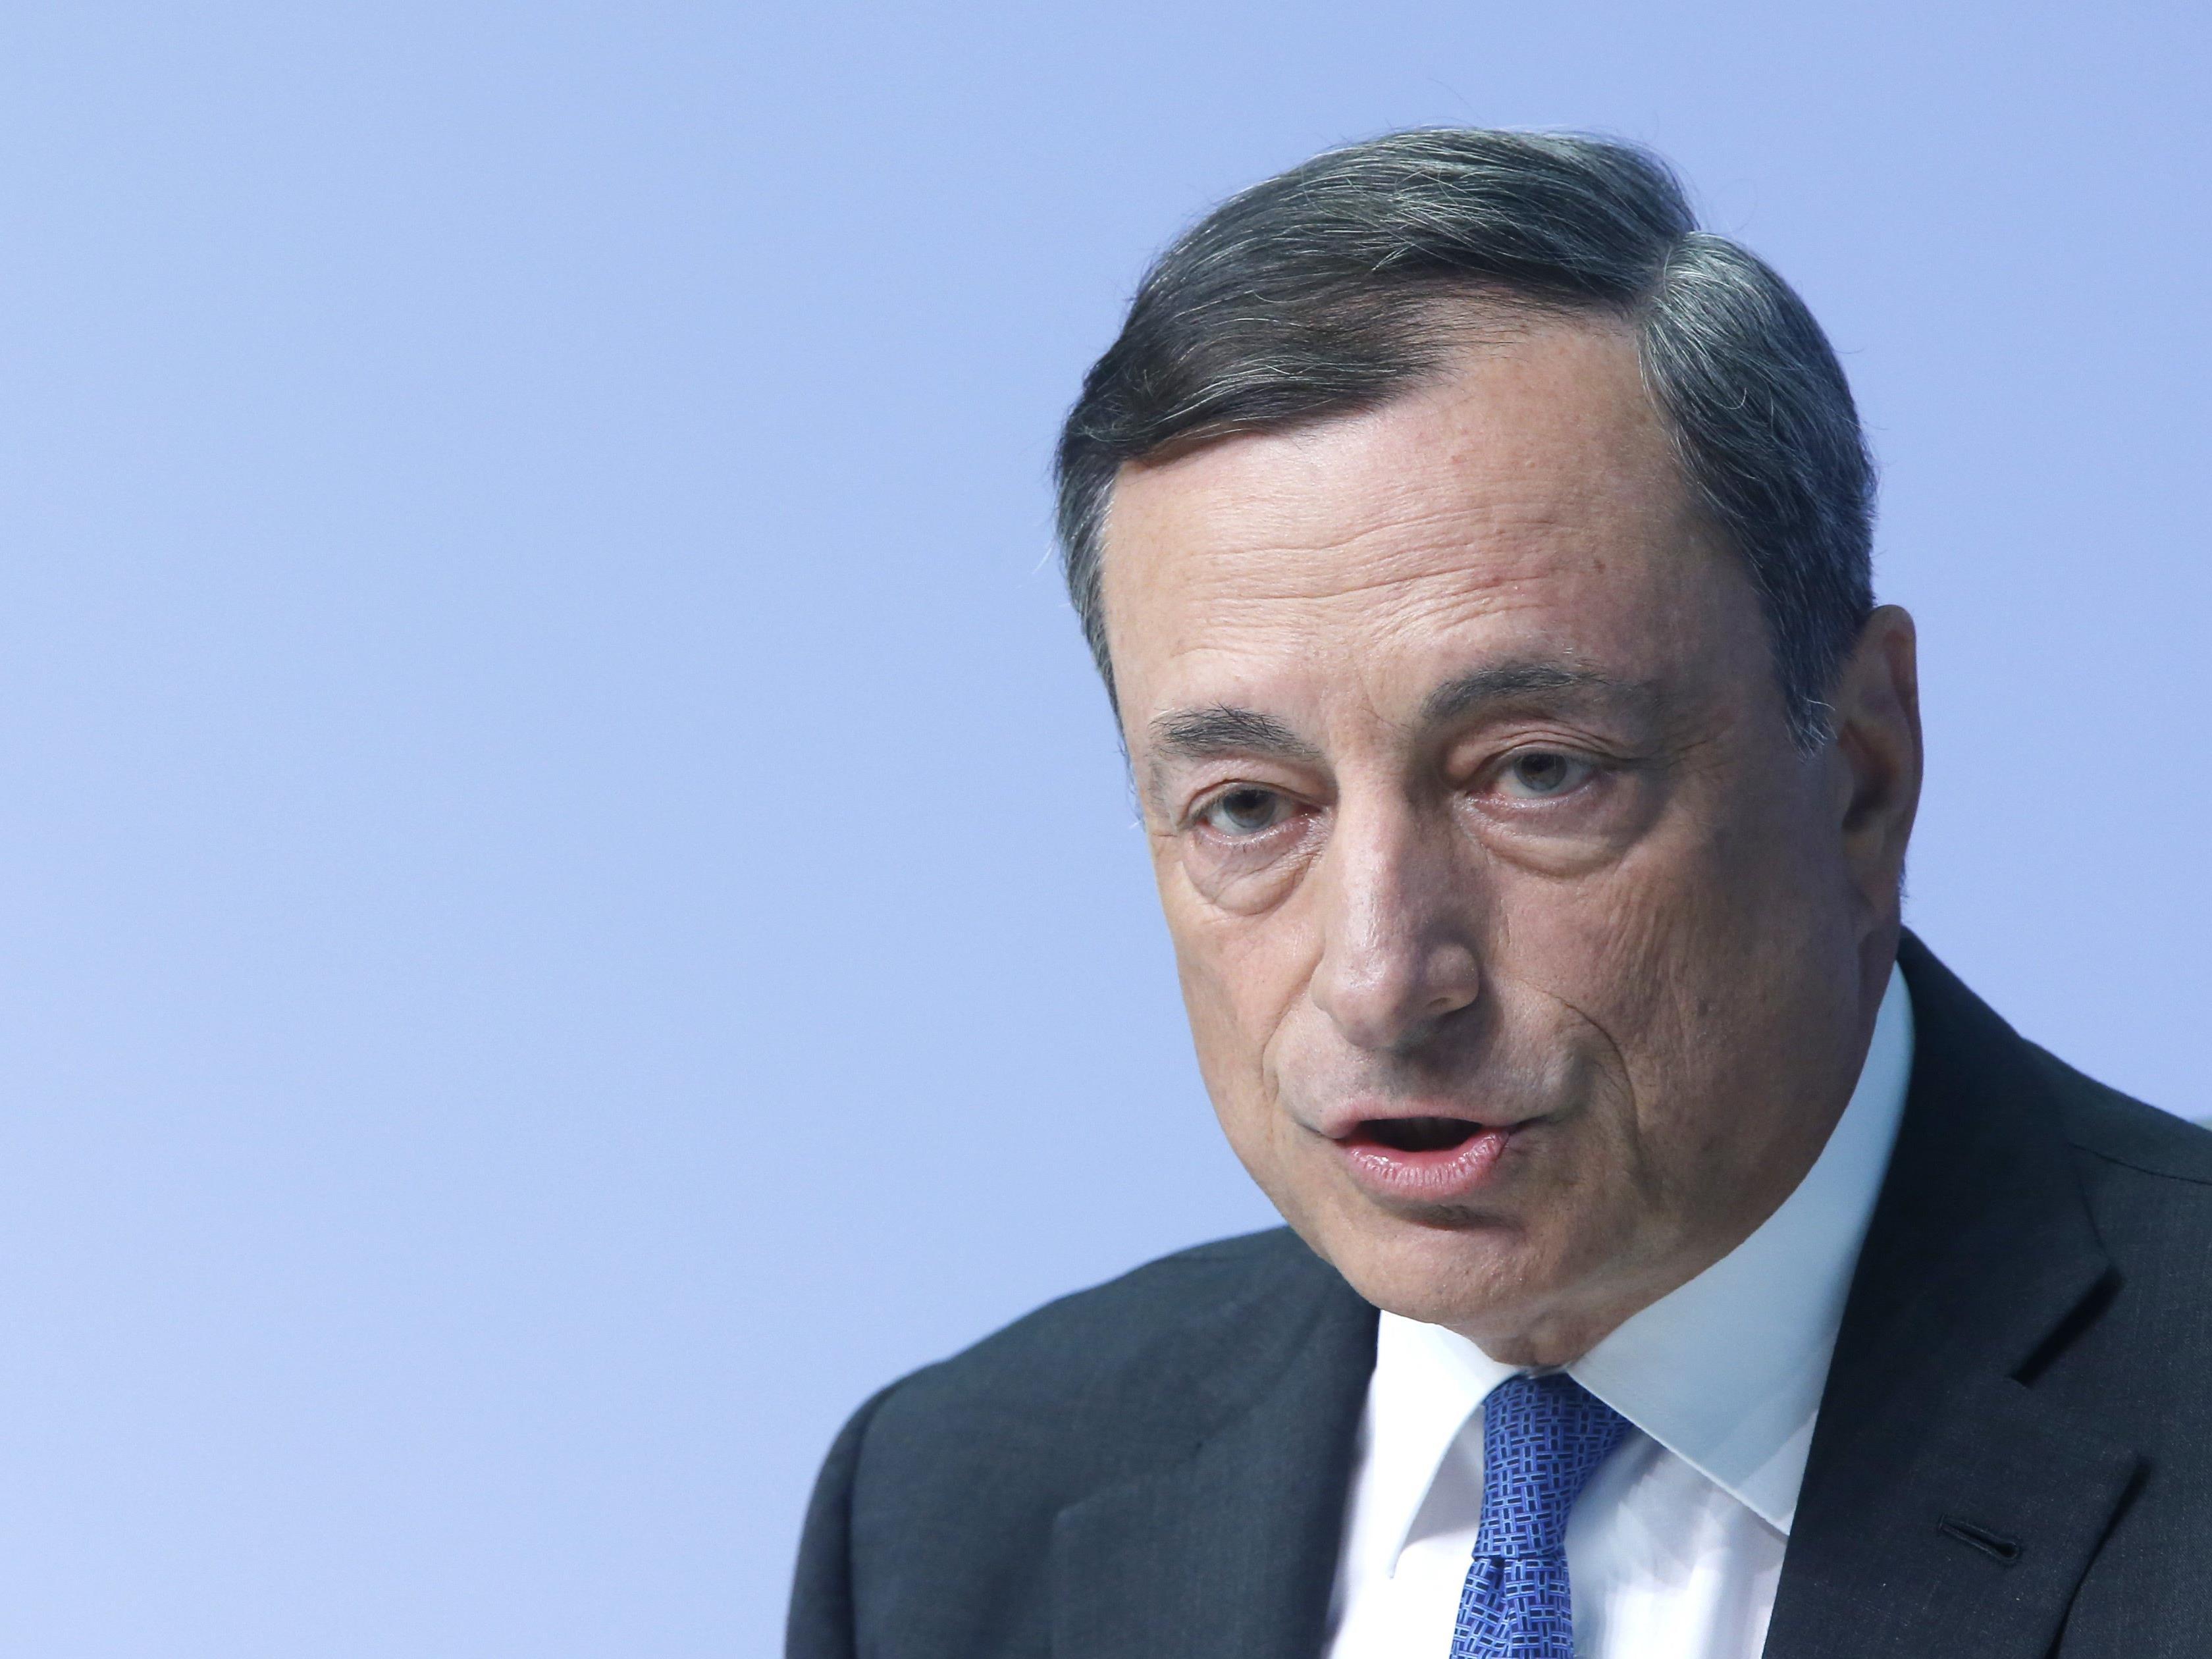 Die Ratsmitglieder der Europäischen Zentralbank kamen am Donnerstagvormittag zu ihrer geldpolitischen Sitzung in Wien zusammen.